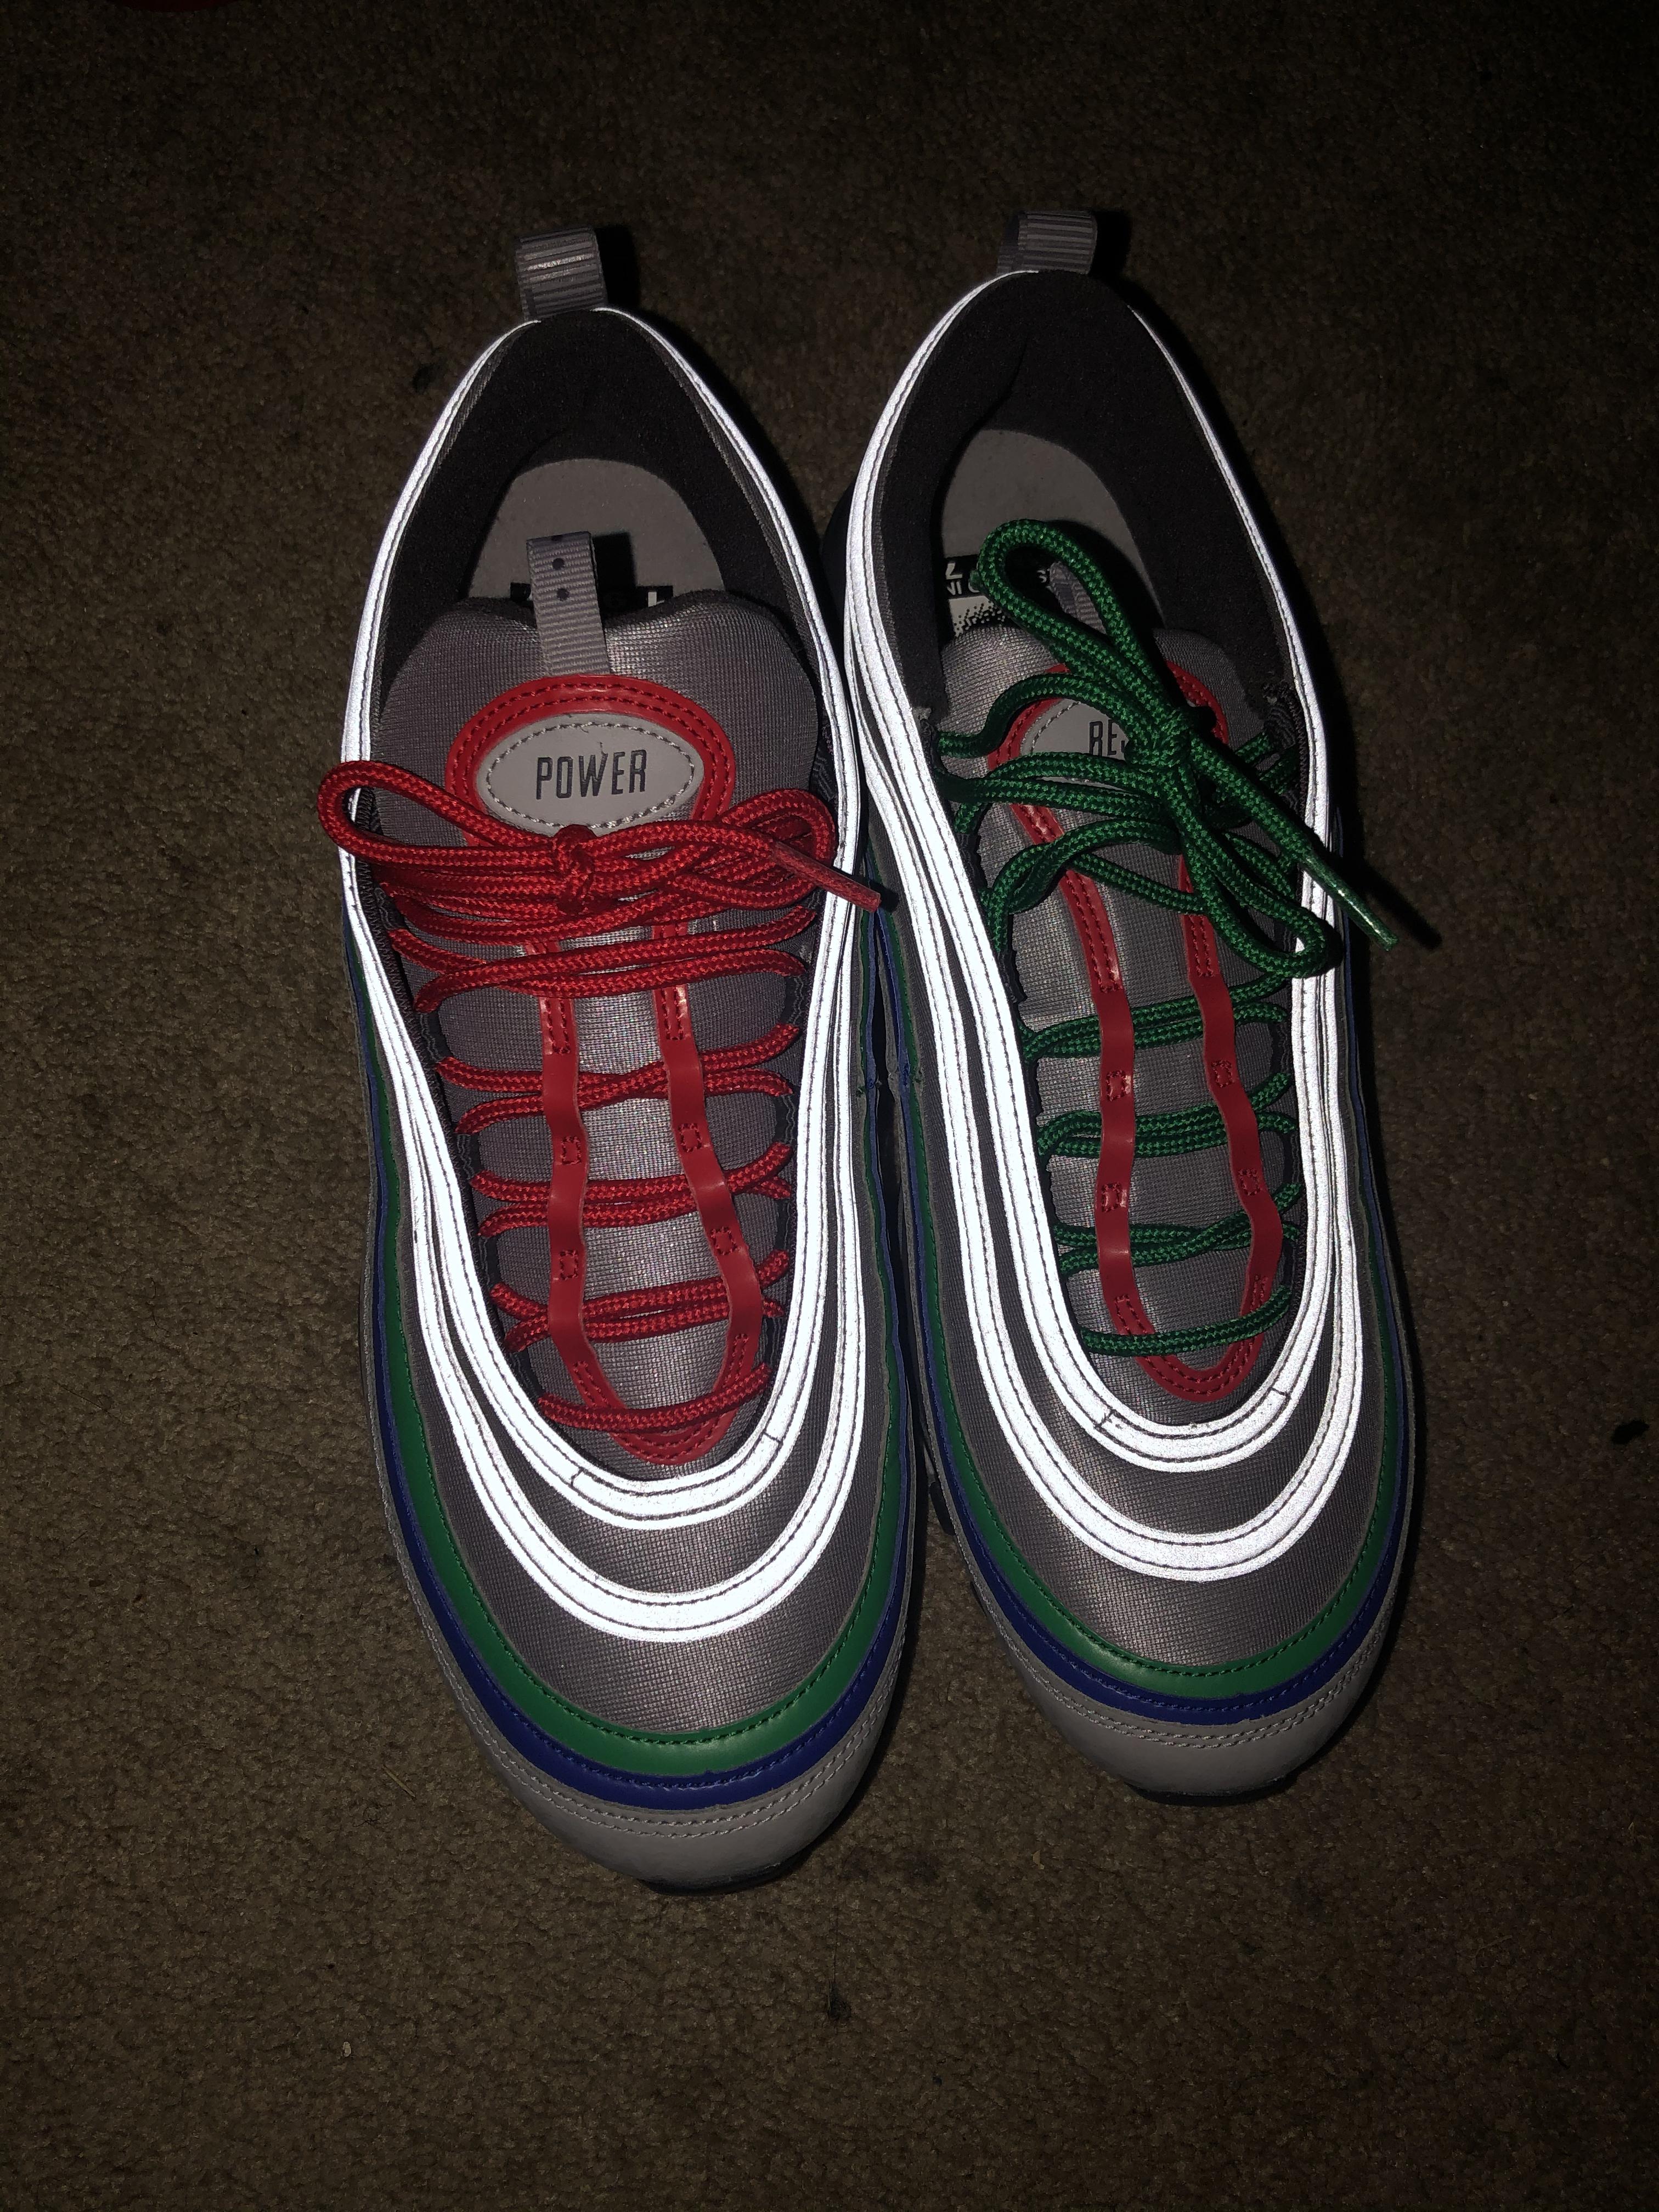 Nike - $220 - Size 12